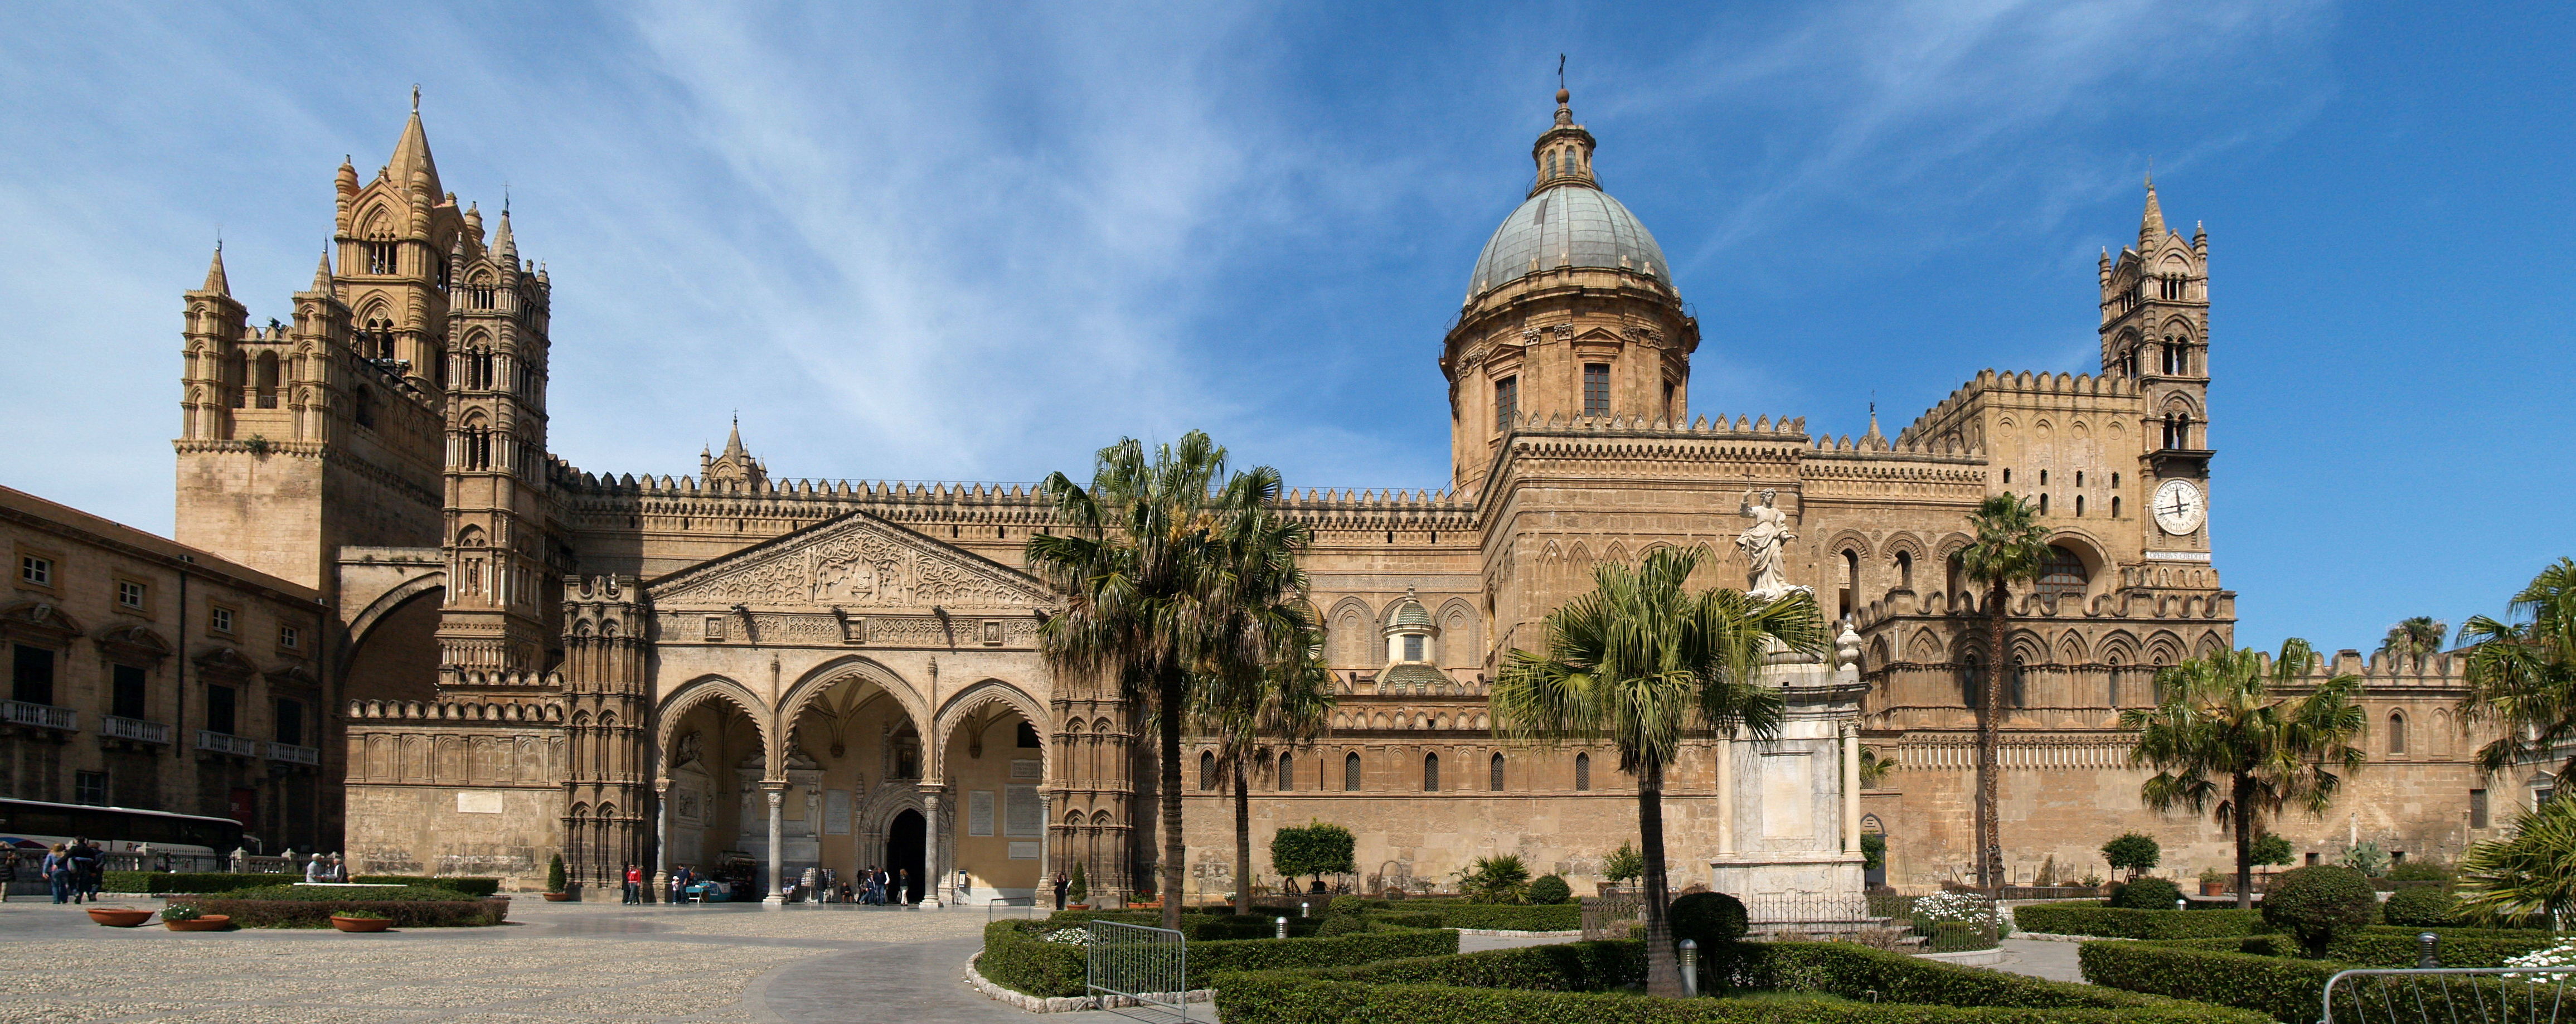 Palermo, o expoente da cultura em 2018